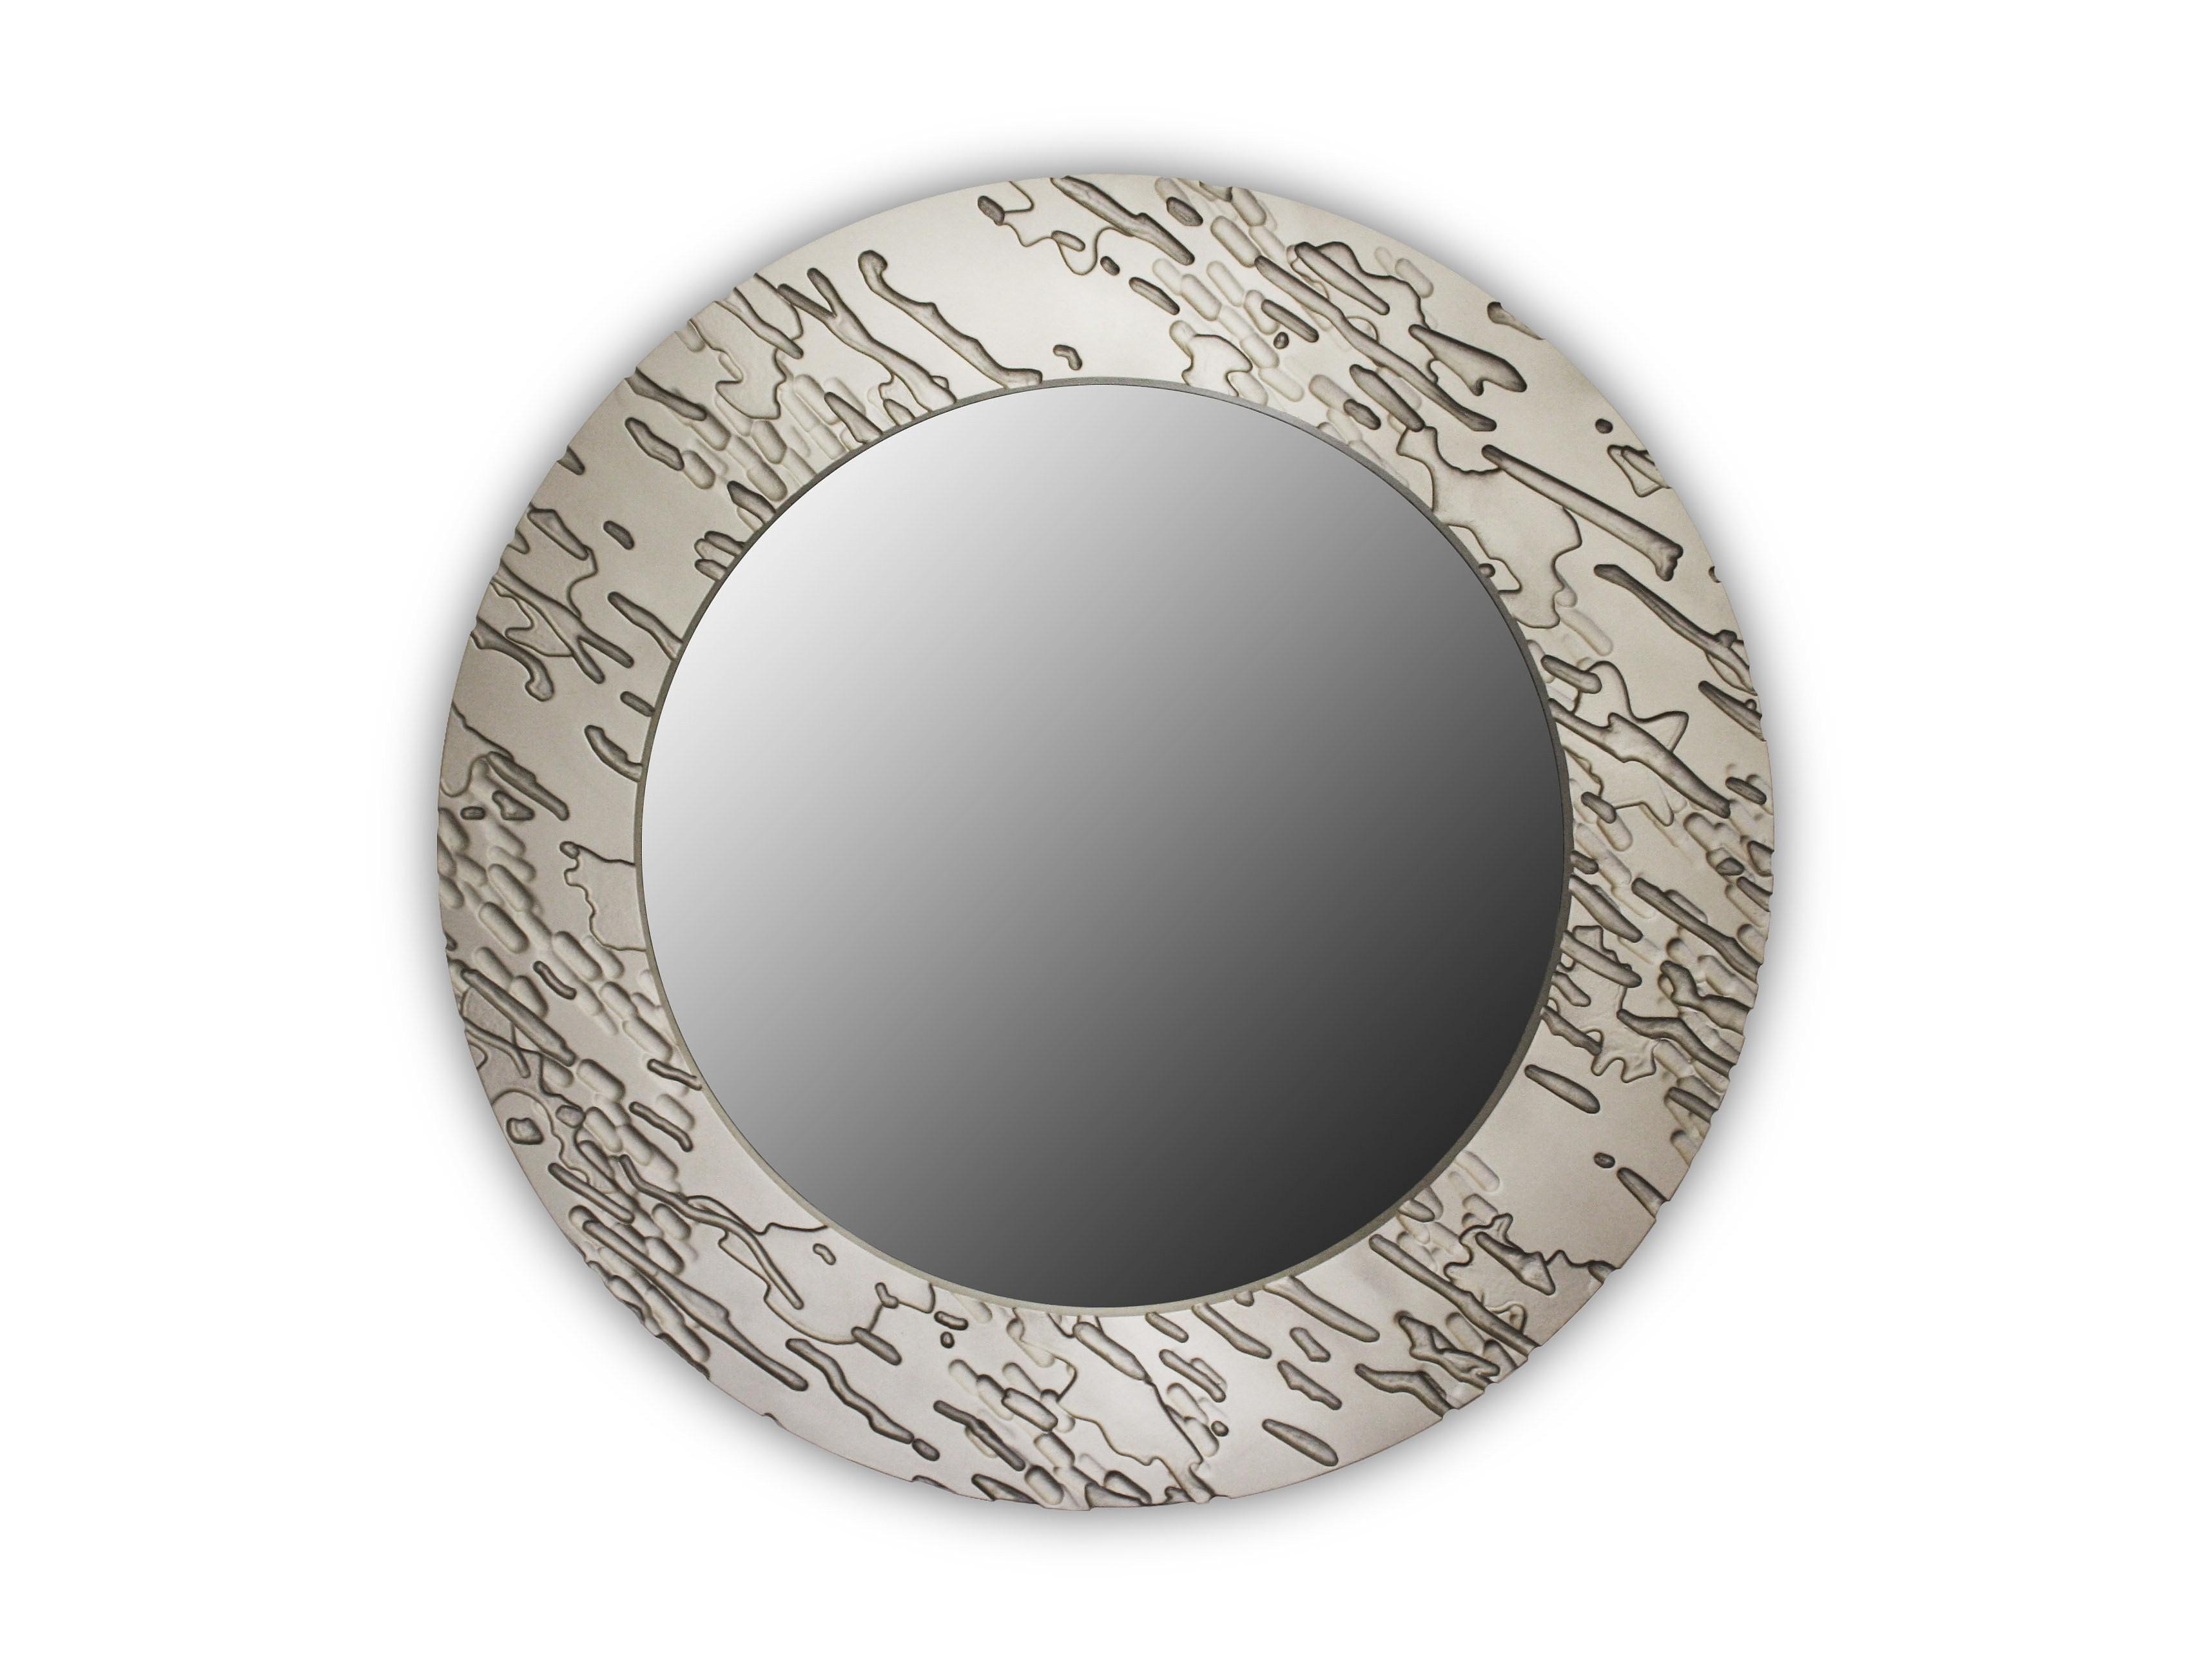 Зеркало Fashion rizoНастенные зеркала<br>Патина&amp;lt;div&amp;gt;Возможен заказ изделий размерами 90 см, 75 см, 65 см&amp;lt;/div&amp;gt;<br><br>Material: Дерево<br>Высота см: 3